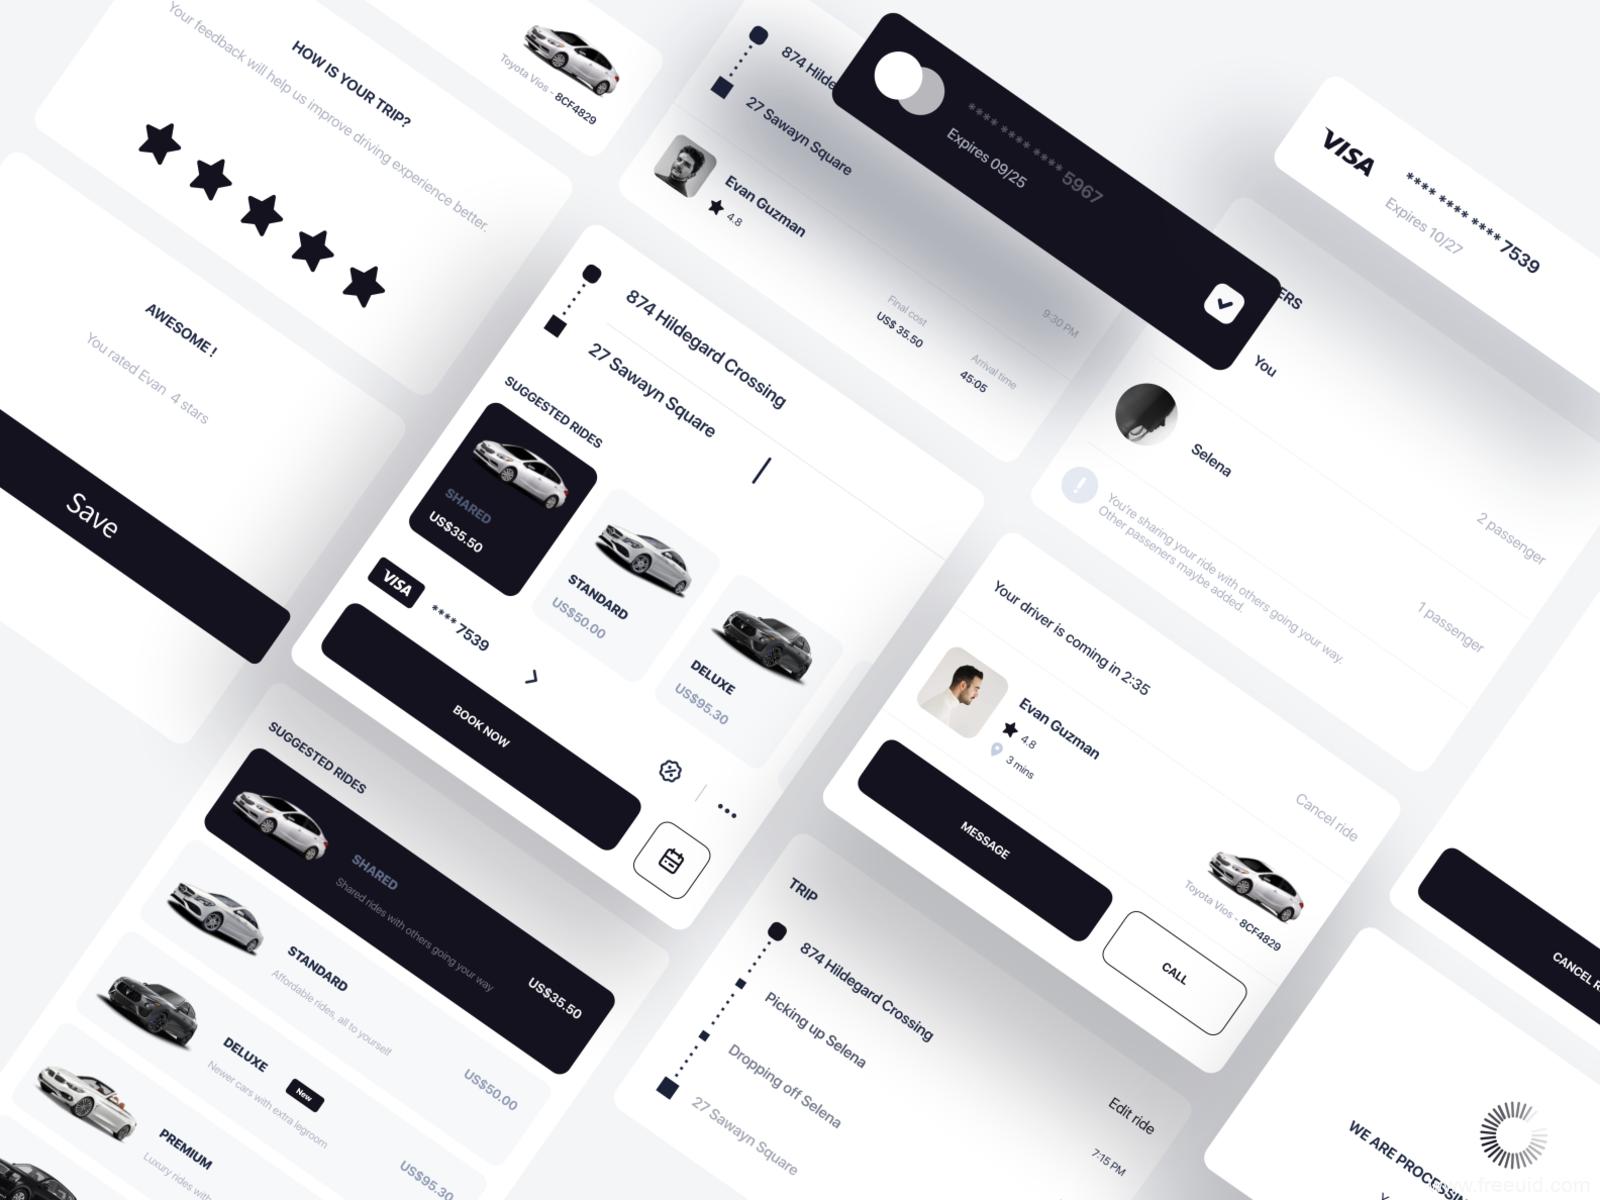 高端汽车类应用UI源文件,汽车App UI资源下载,汽车UI kit组件sketch源文件